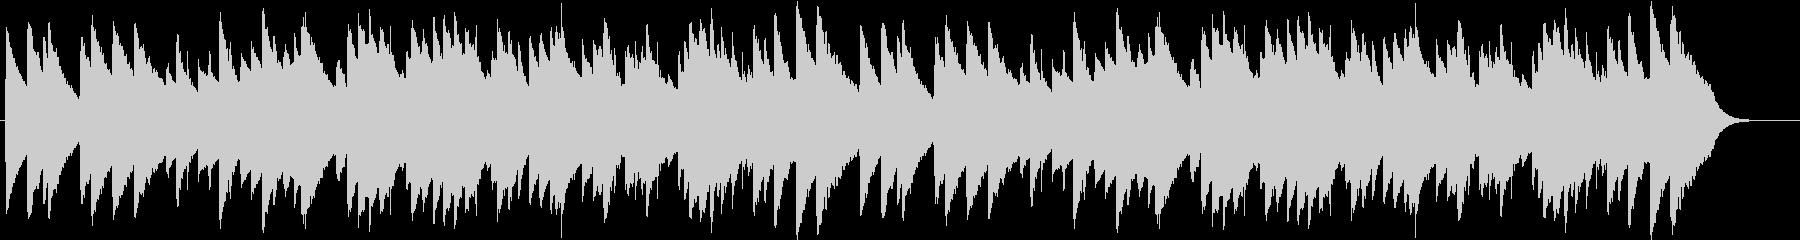 「もろびとこぞりて」オルゴール1の未再生の波形